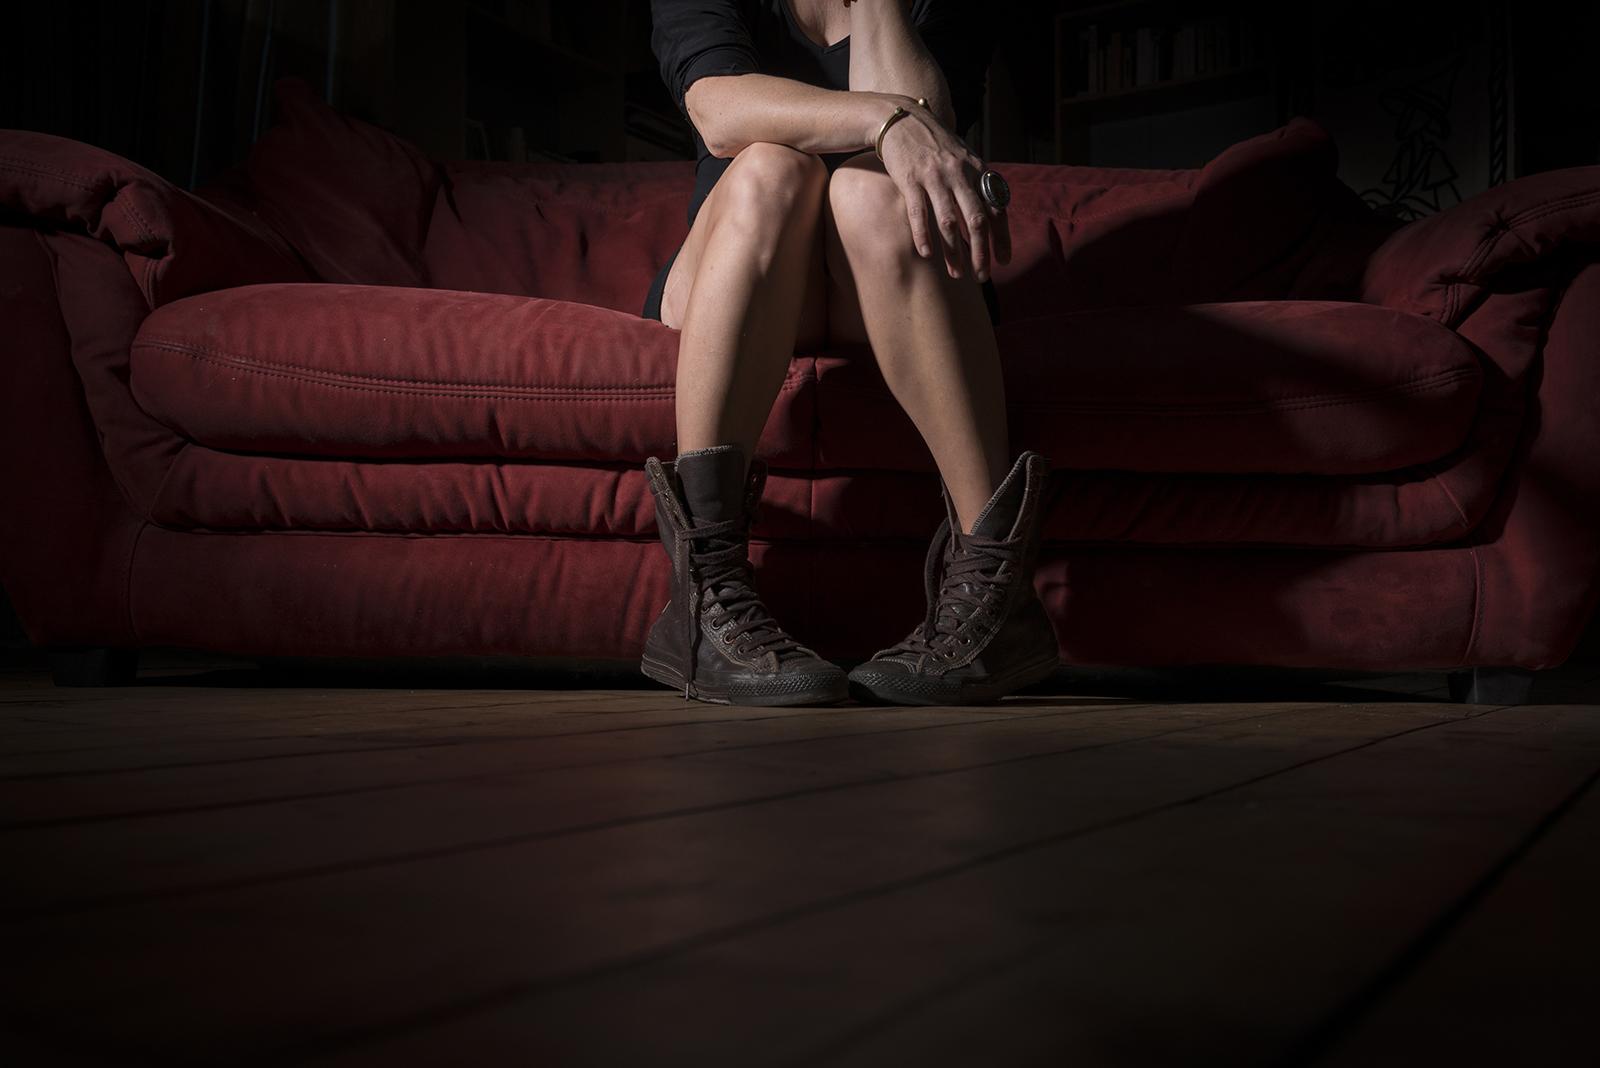 jambes de femme et canapé rouge rock